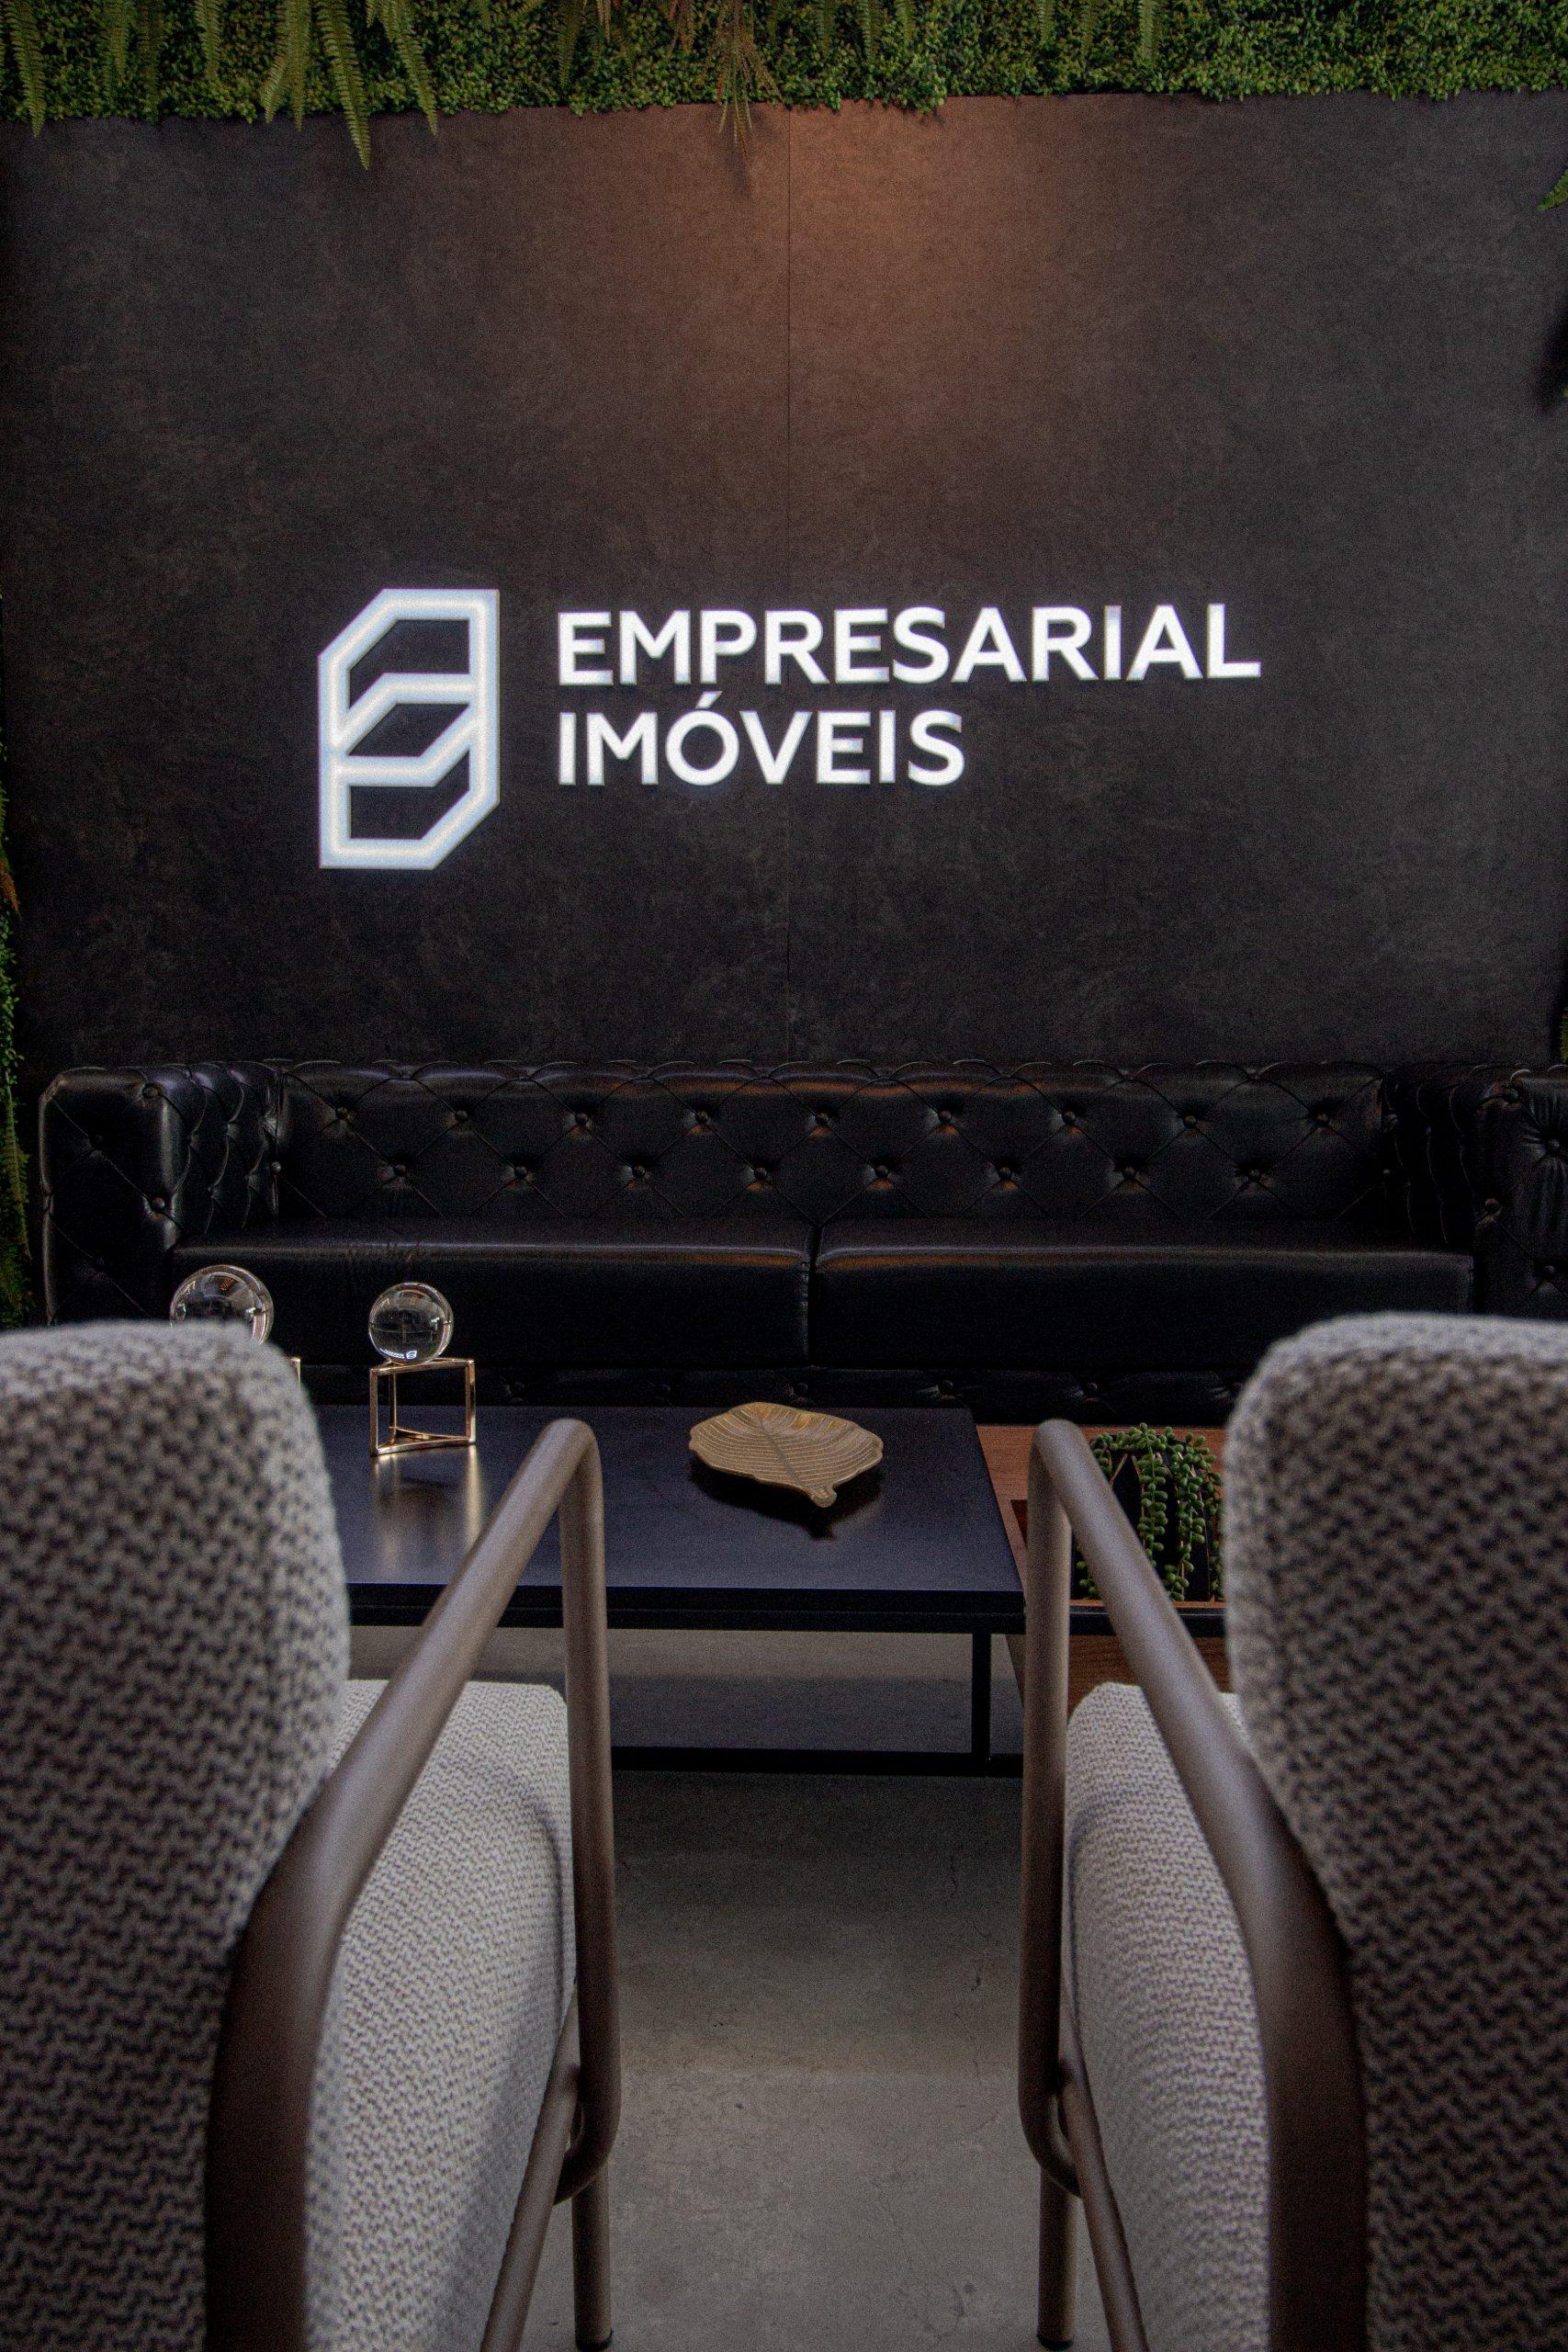 empresarial-logotipo-cadeiras